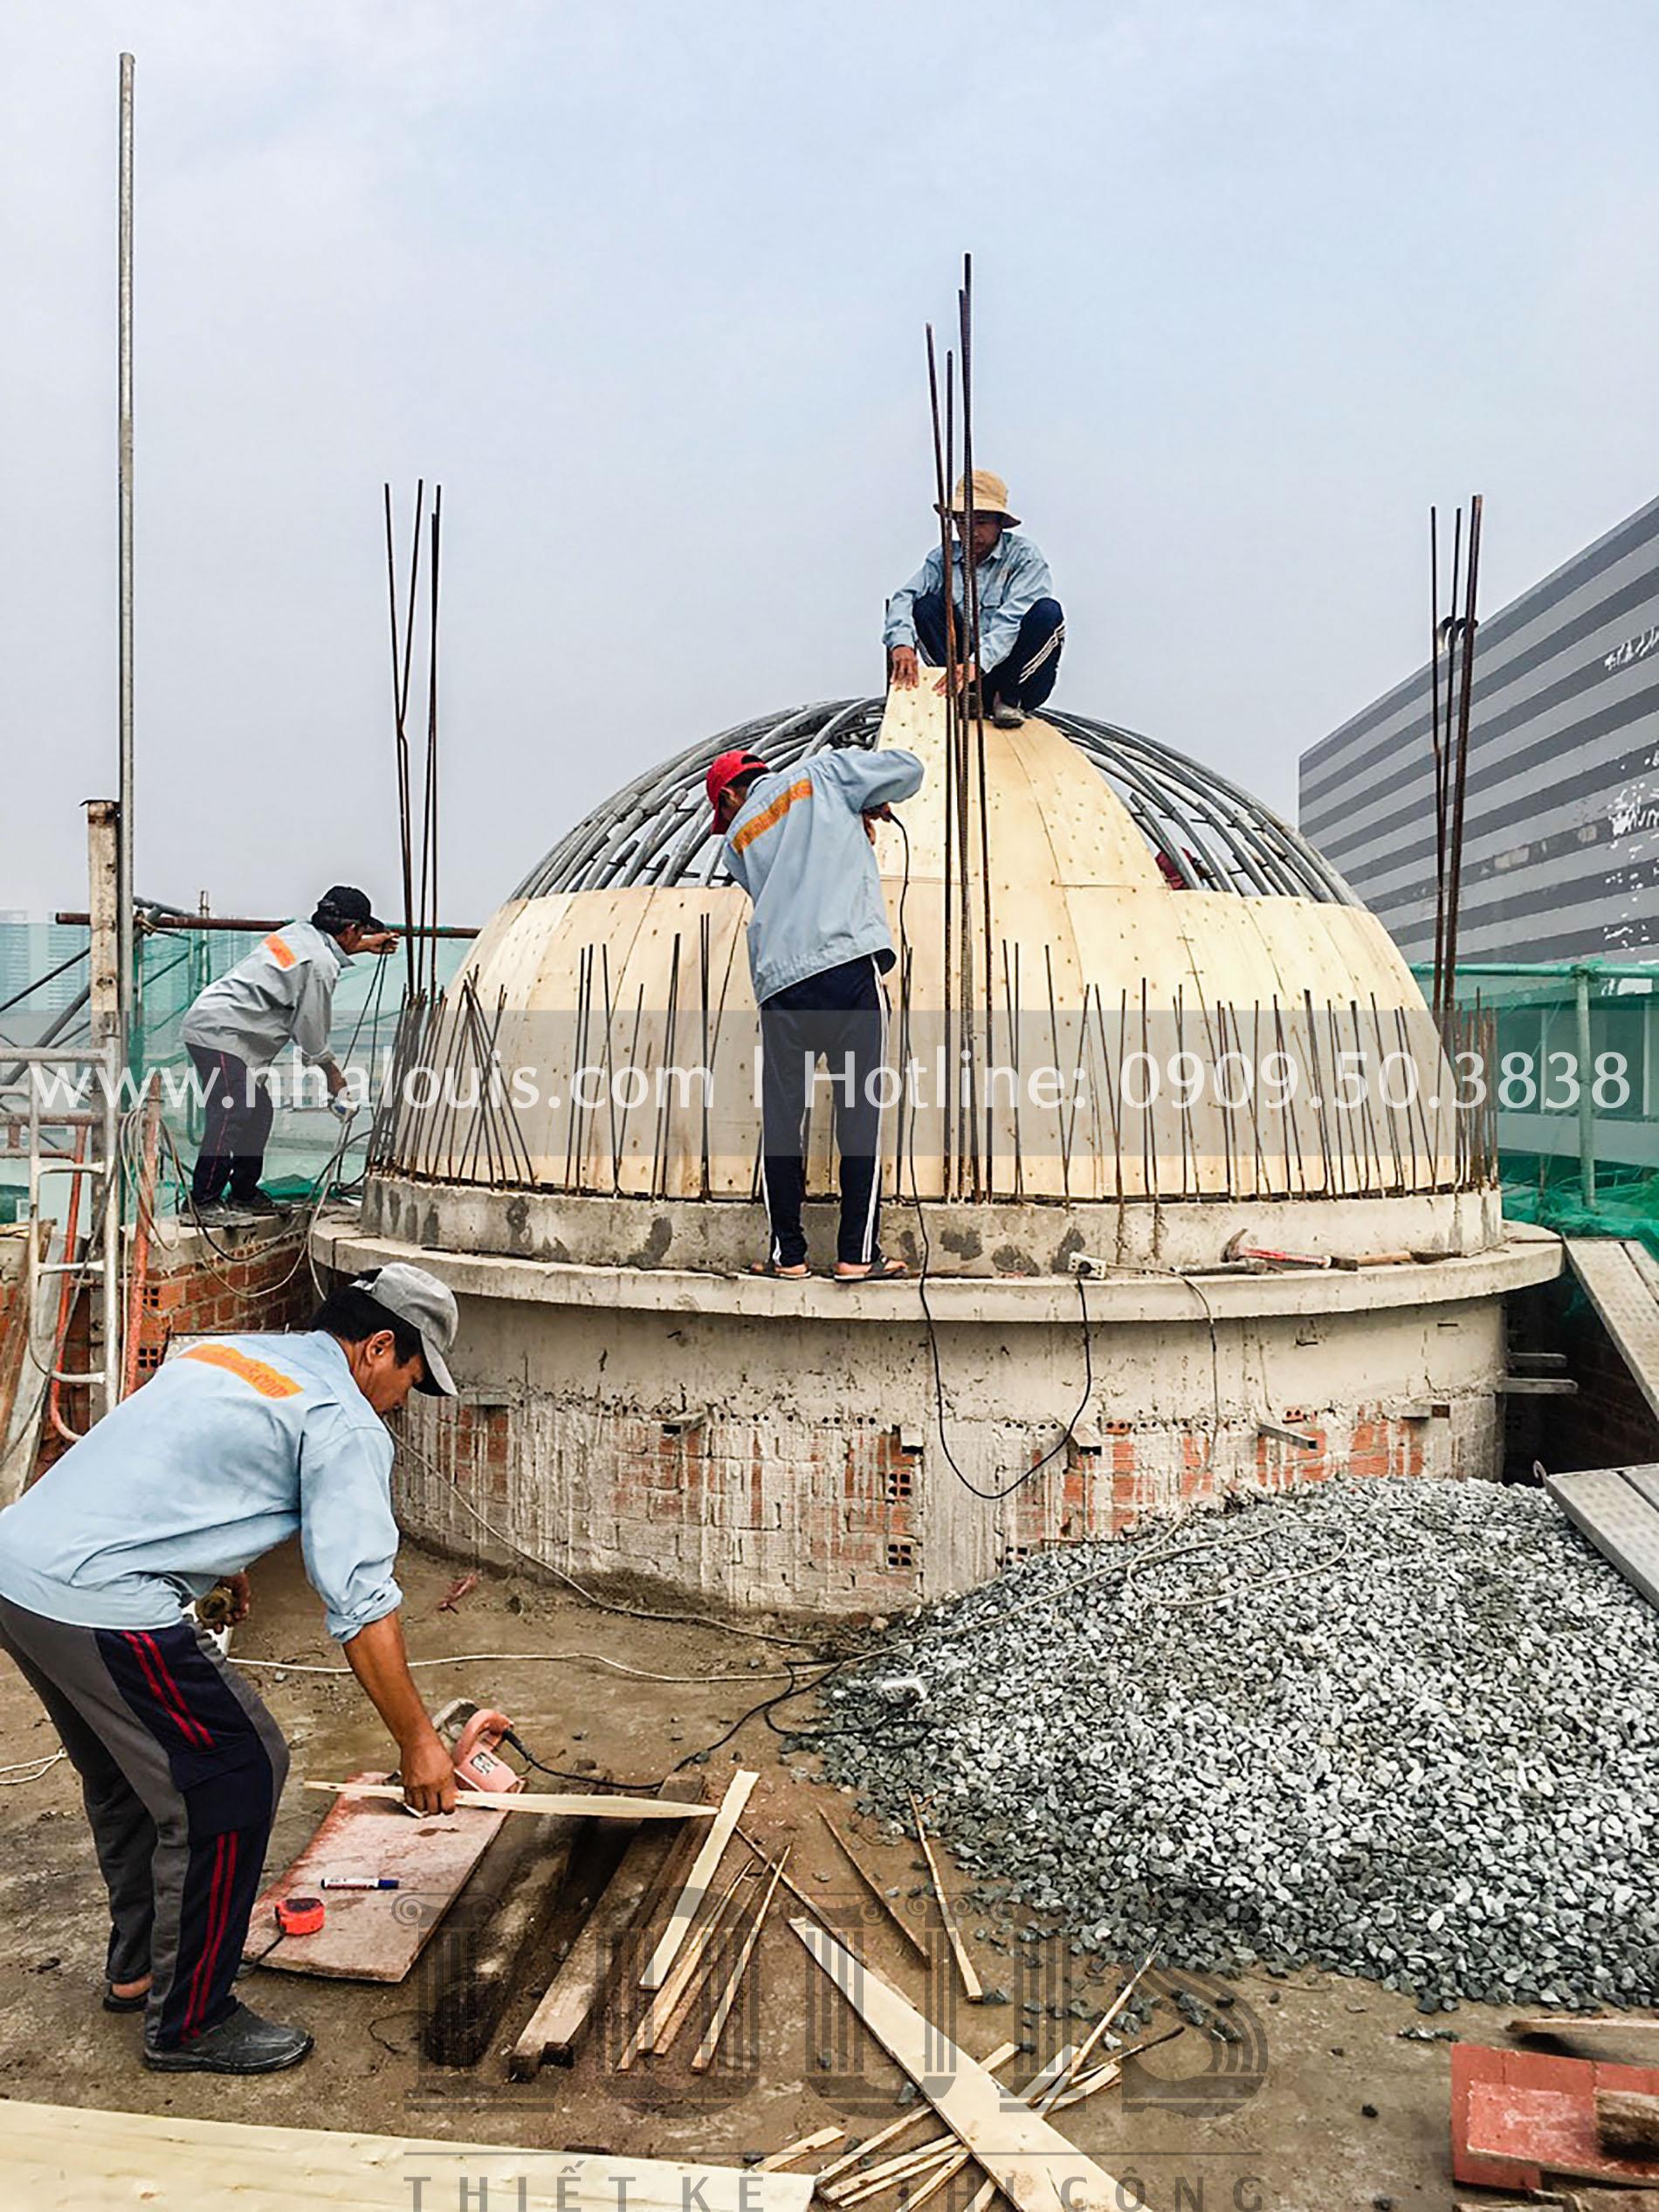 Tạo hình mái và đổ bê tông tại dự án cải tạo siêu biệt thự cổ điển đẳng cấp